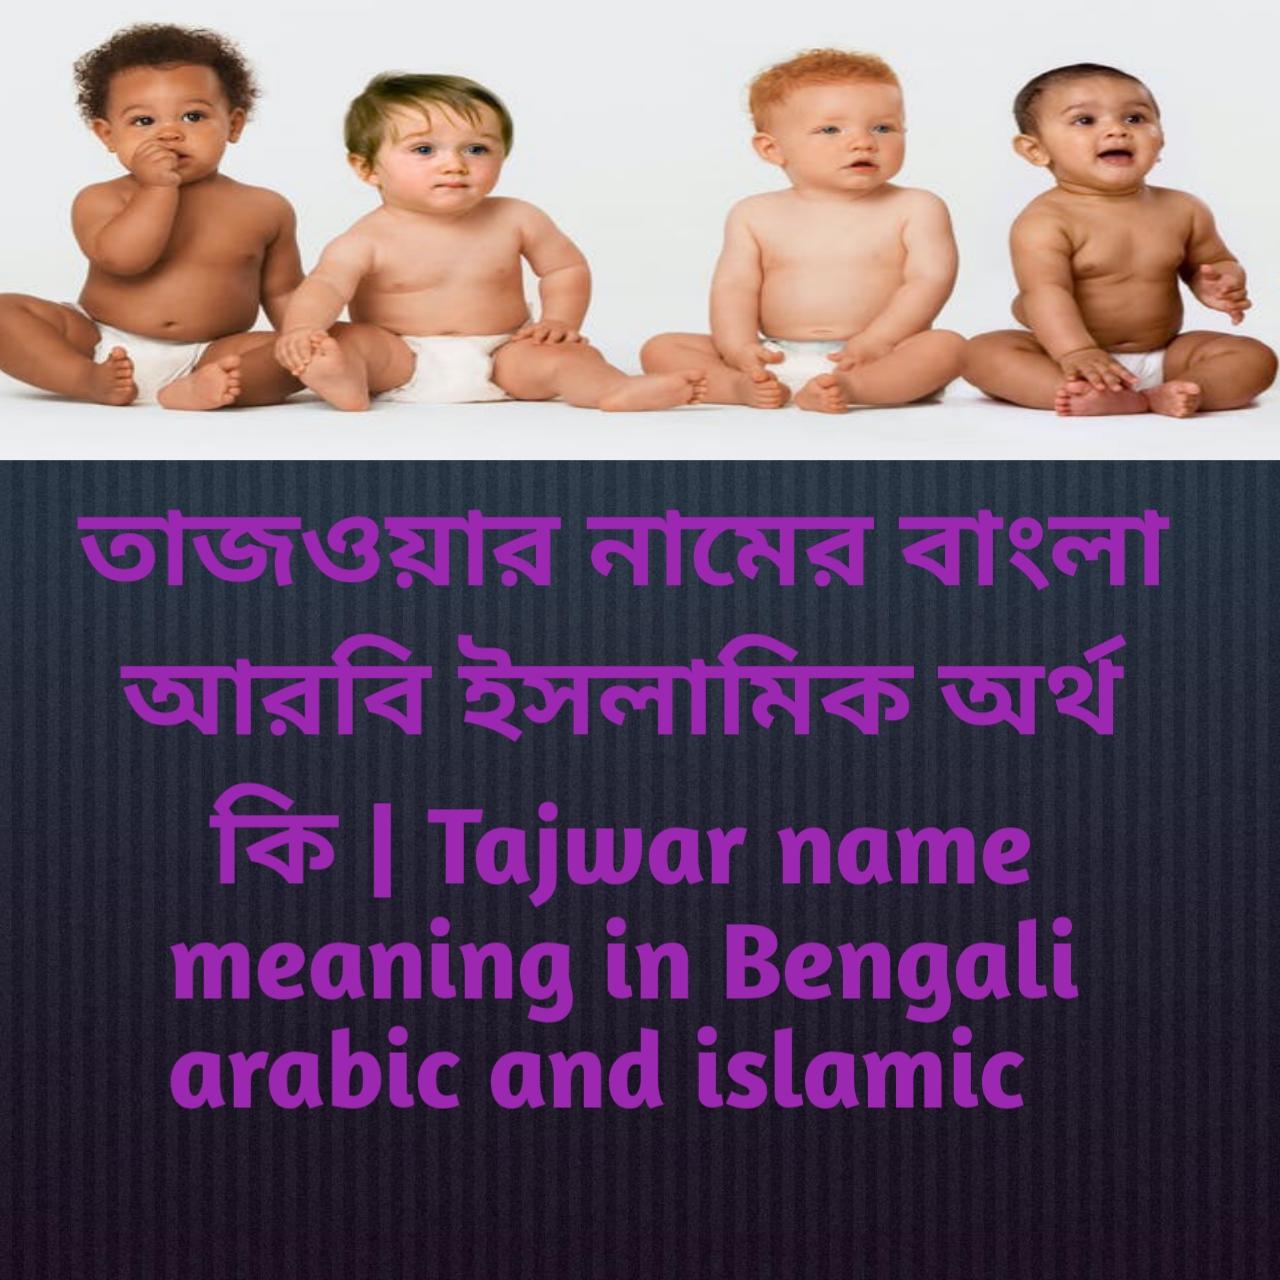 তাজওয়ার নামের অর্থ কি, তাজওয়ার নামের বাংলা অর্থ কি, তাজওয়ার নামের ইসলামিক অর্থ কি, Tajwar name meaning in Bengali, তাজওয়ার কি ইসলামিক নাম,